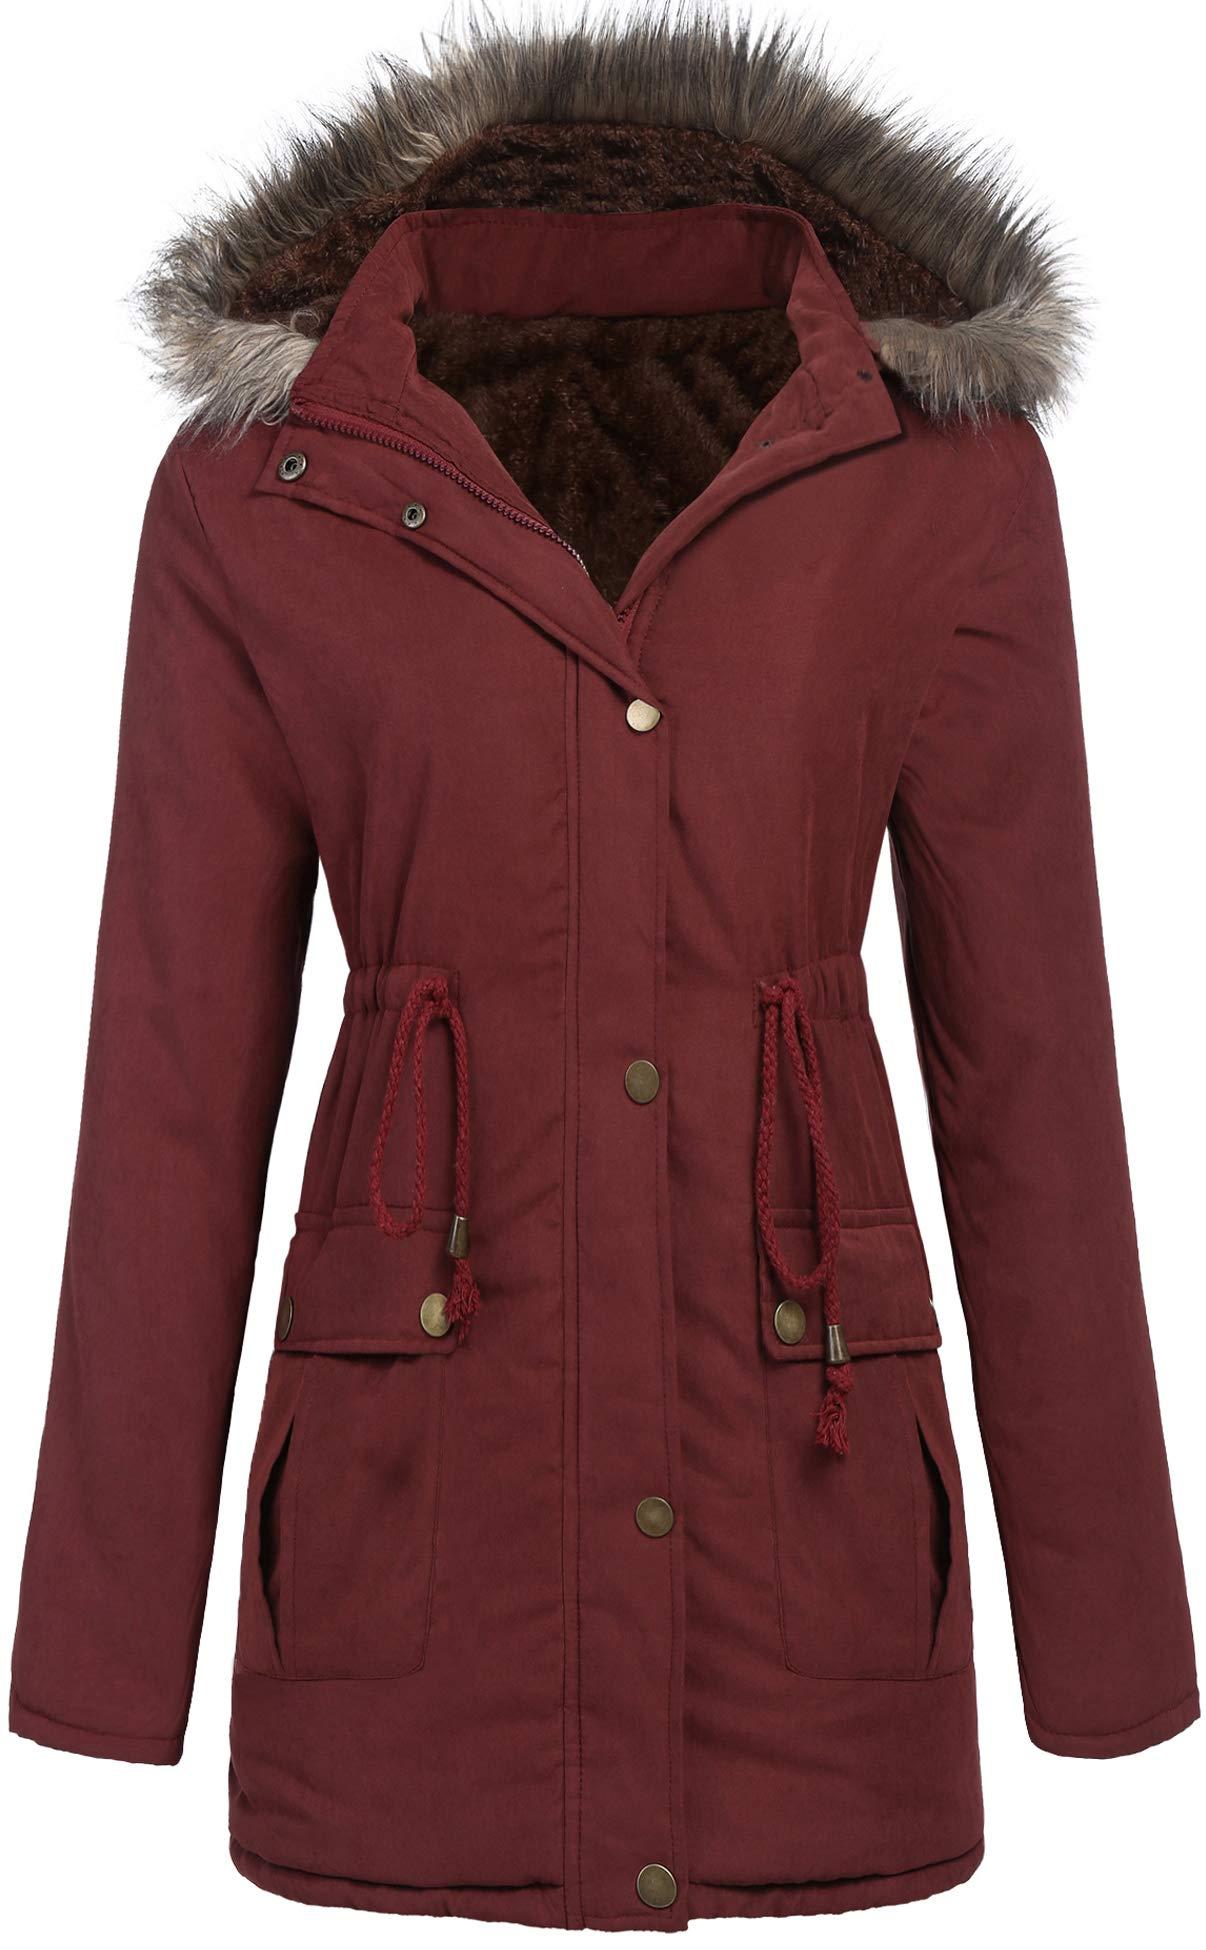 SoTeer Women's Hooded Parka Coat Warm Winter Faux Fur Lined Outwear Jacket Overcoat S-XXXL